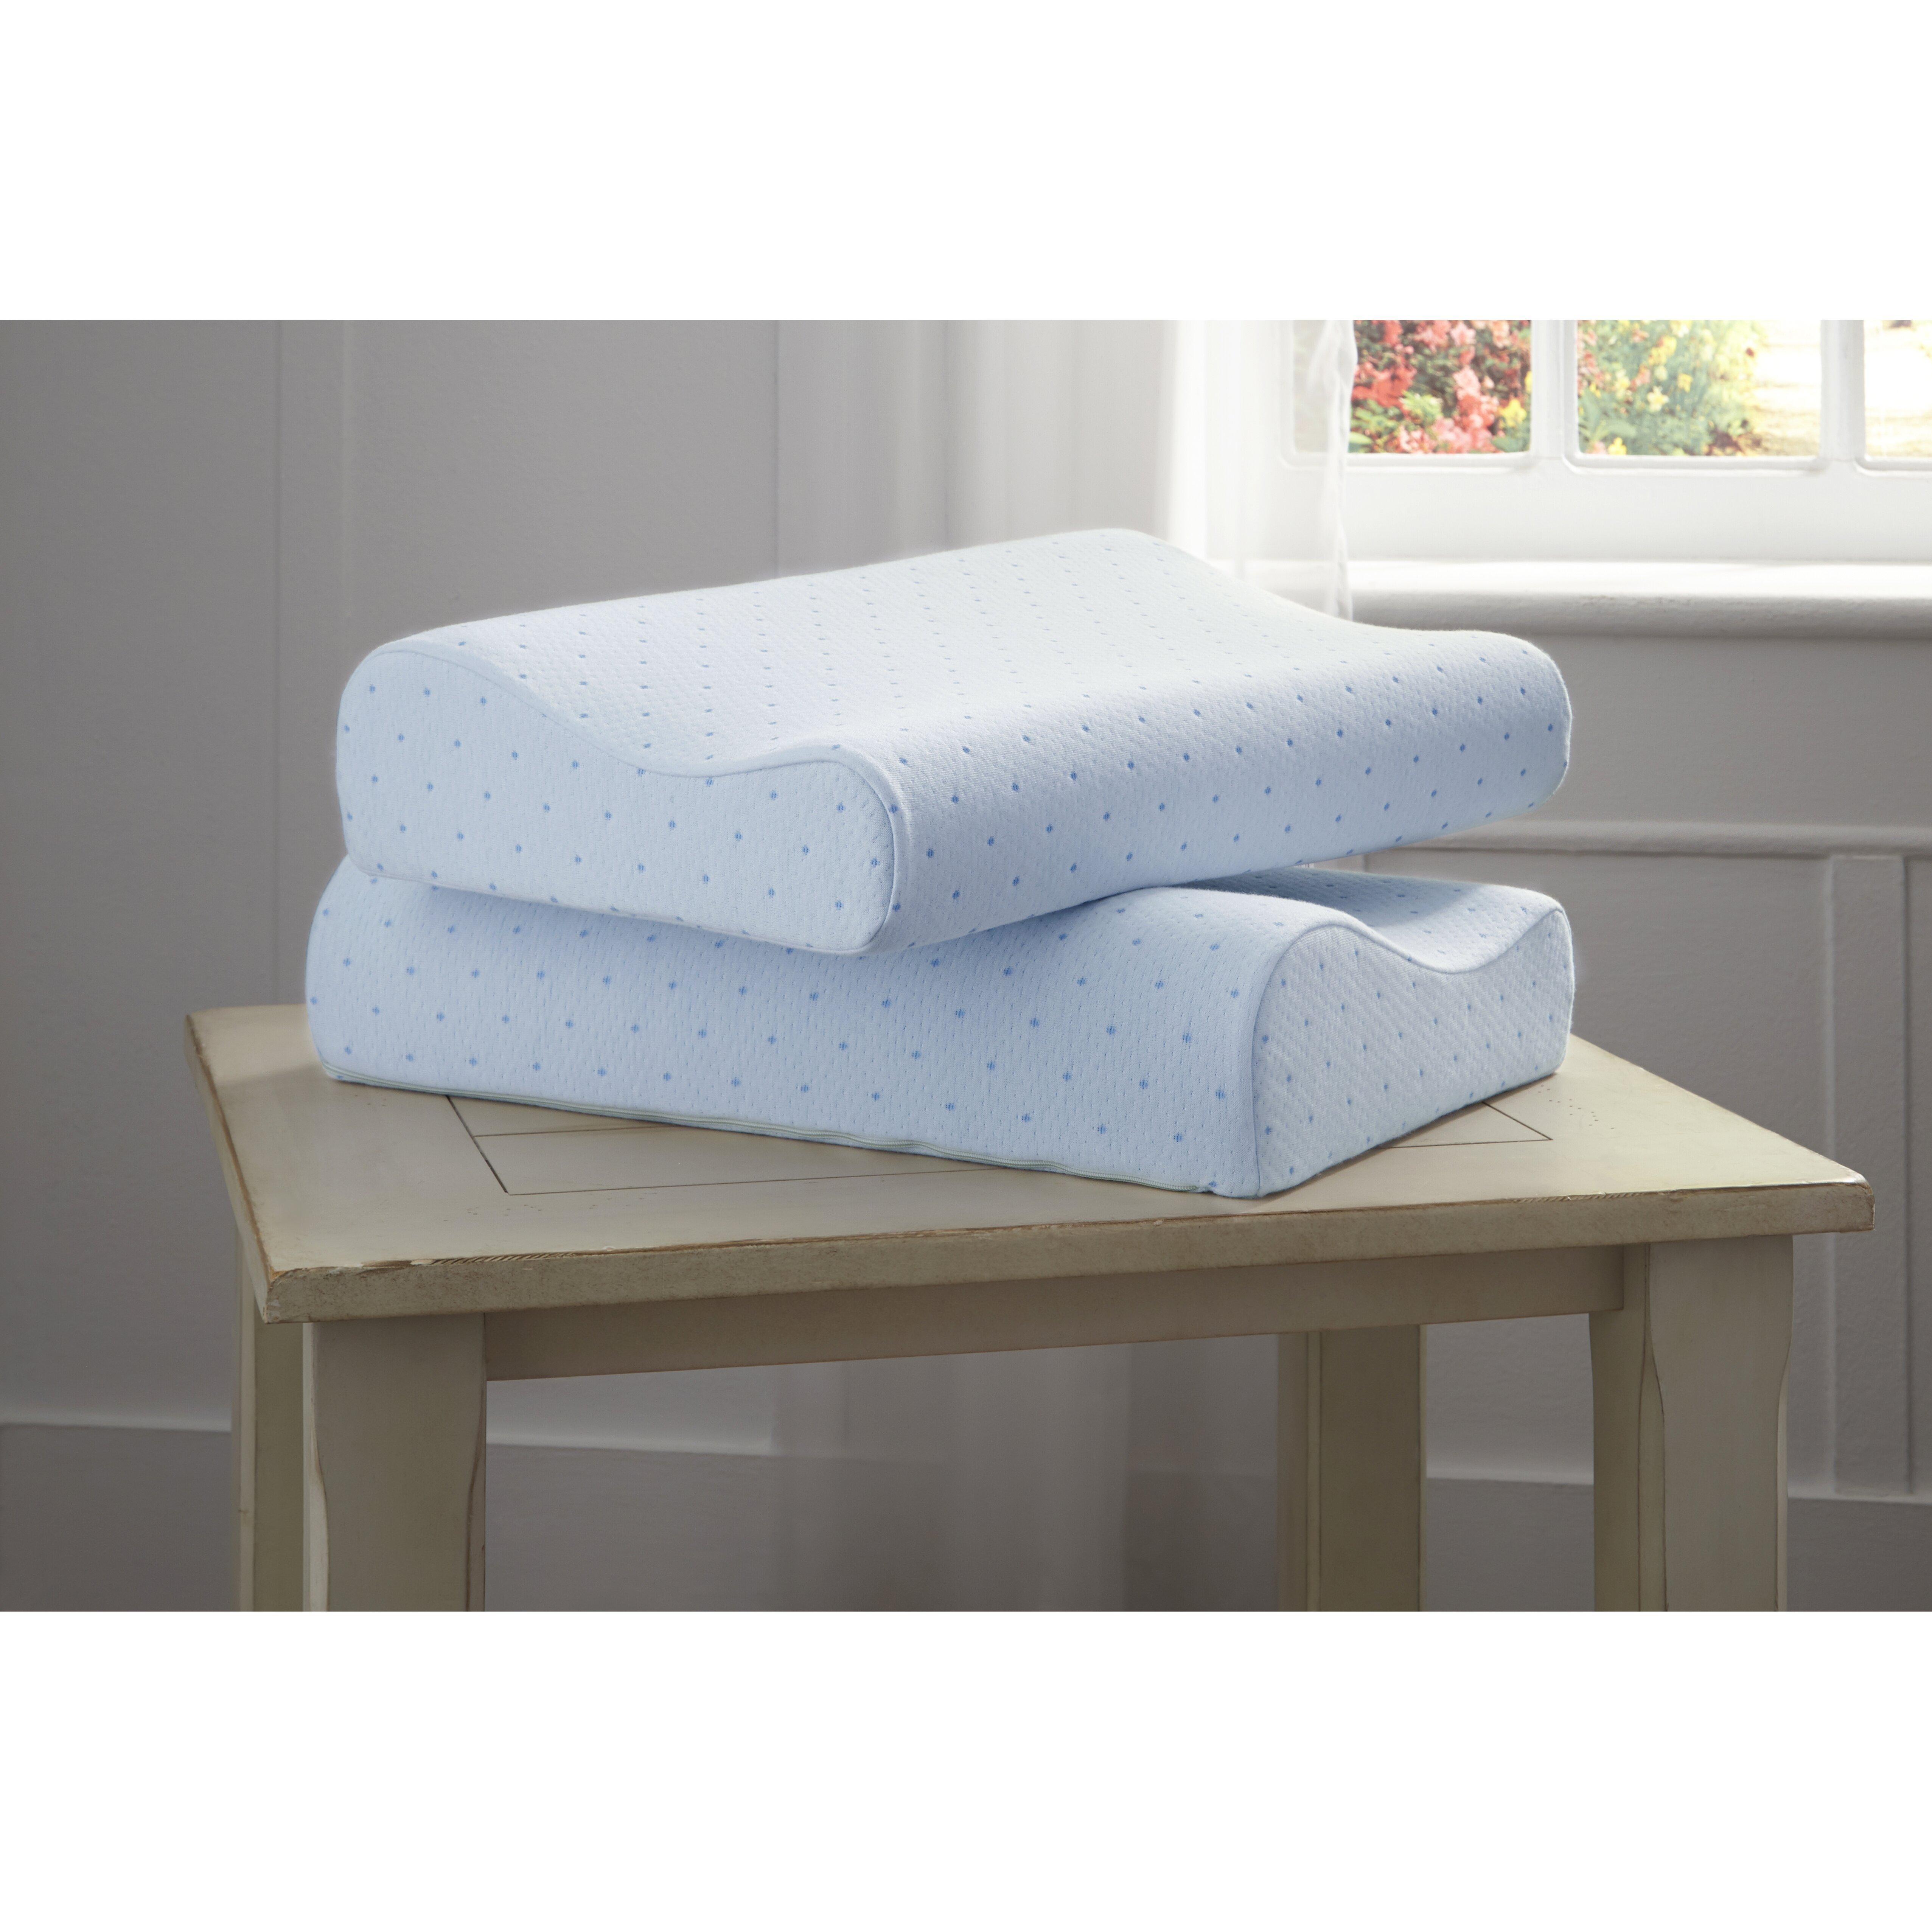 tempure rest cool memory foam contour pillow reviews wayfair. Black Bedroom Furniture Sets. Home Design Ideas